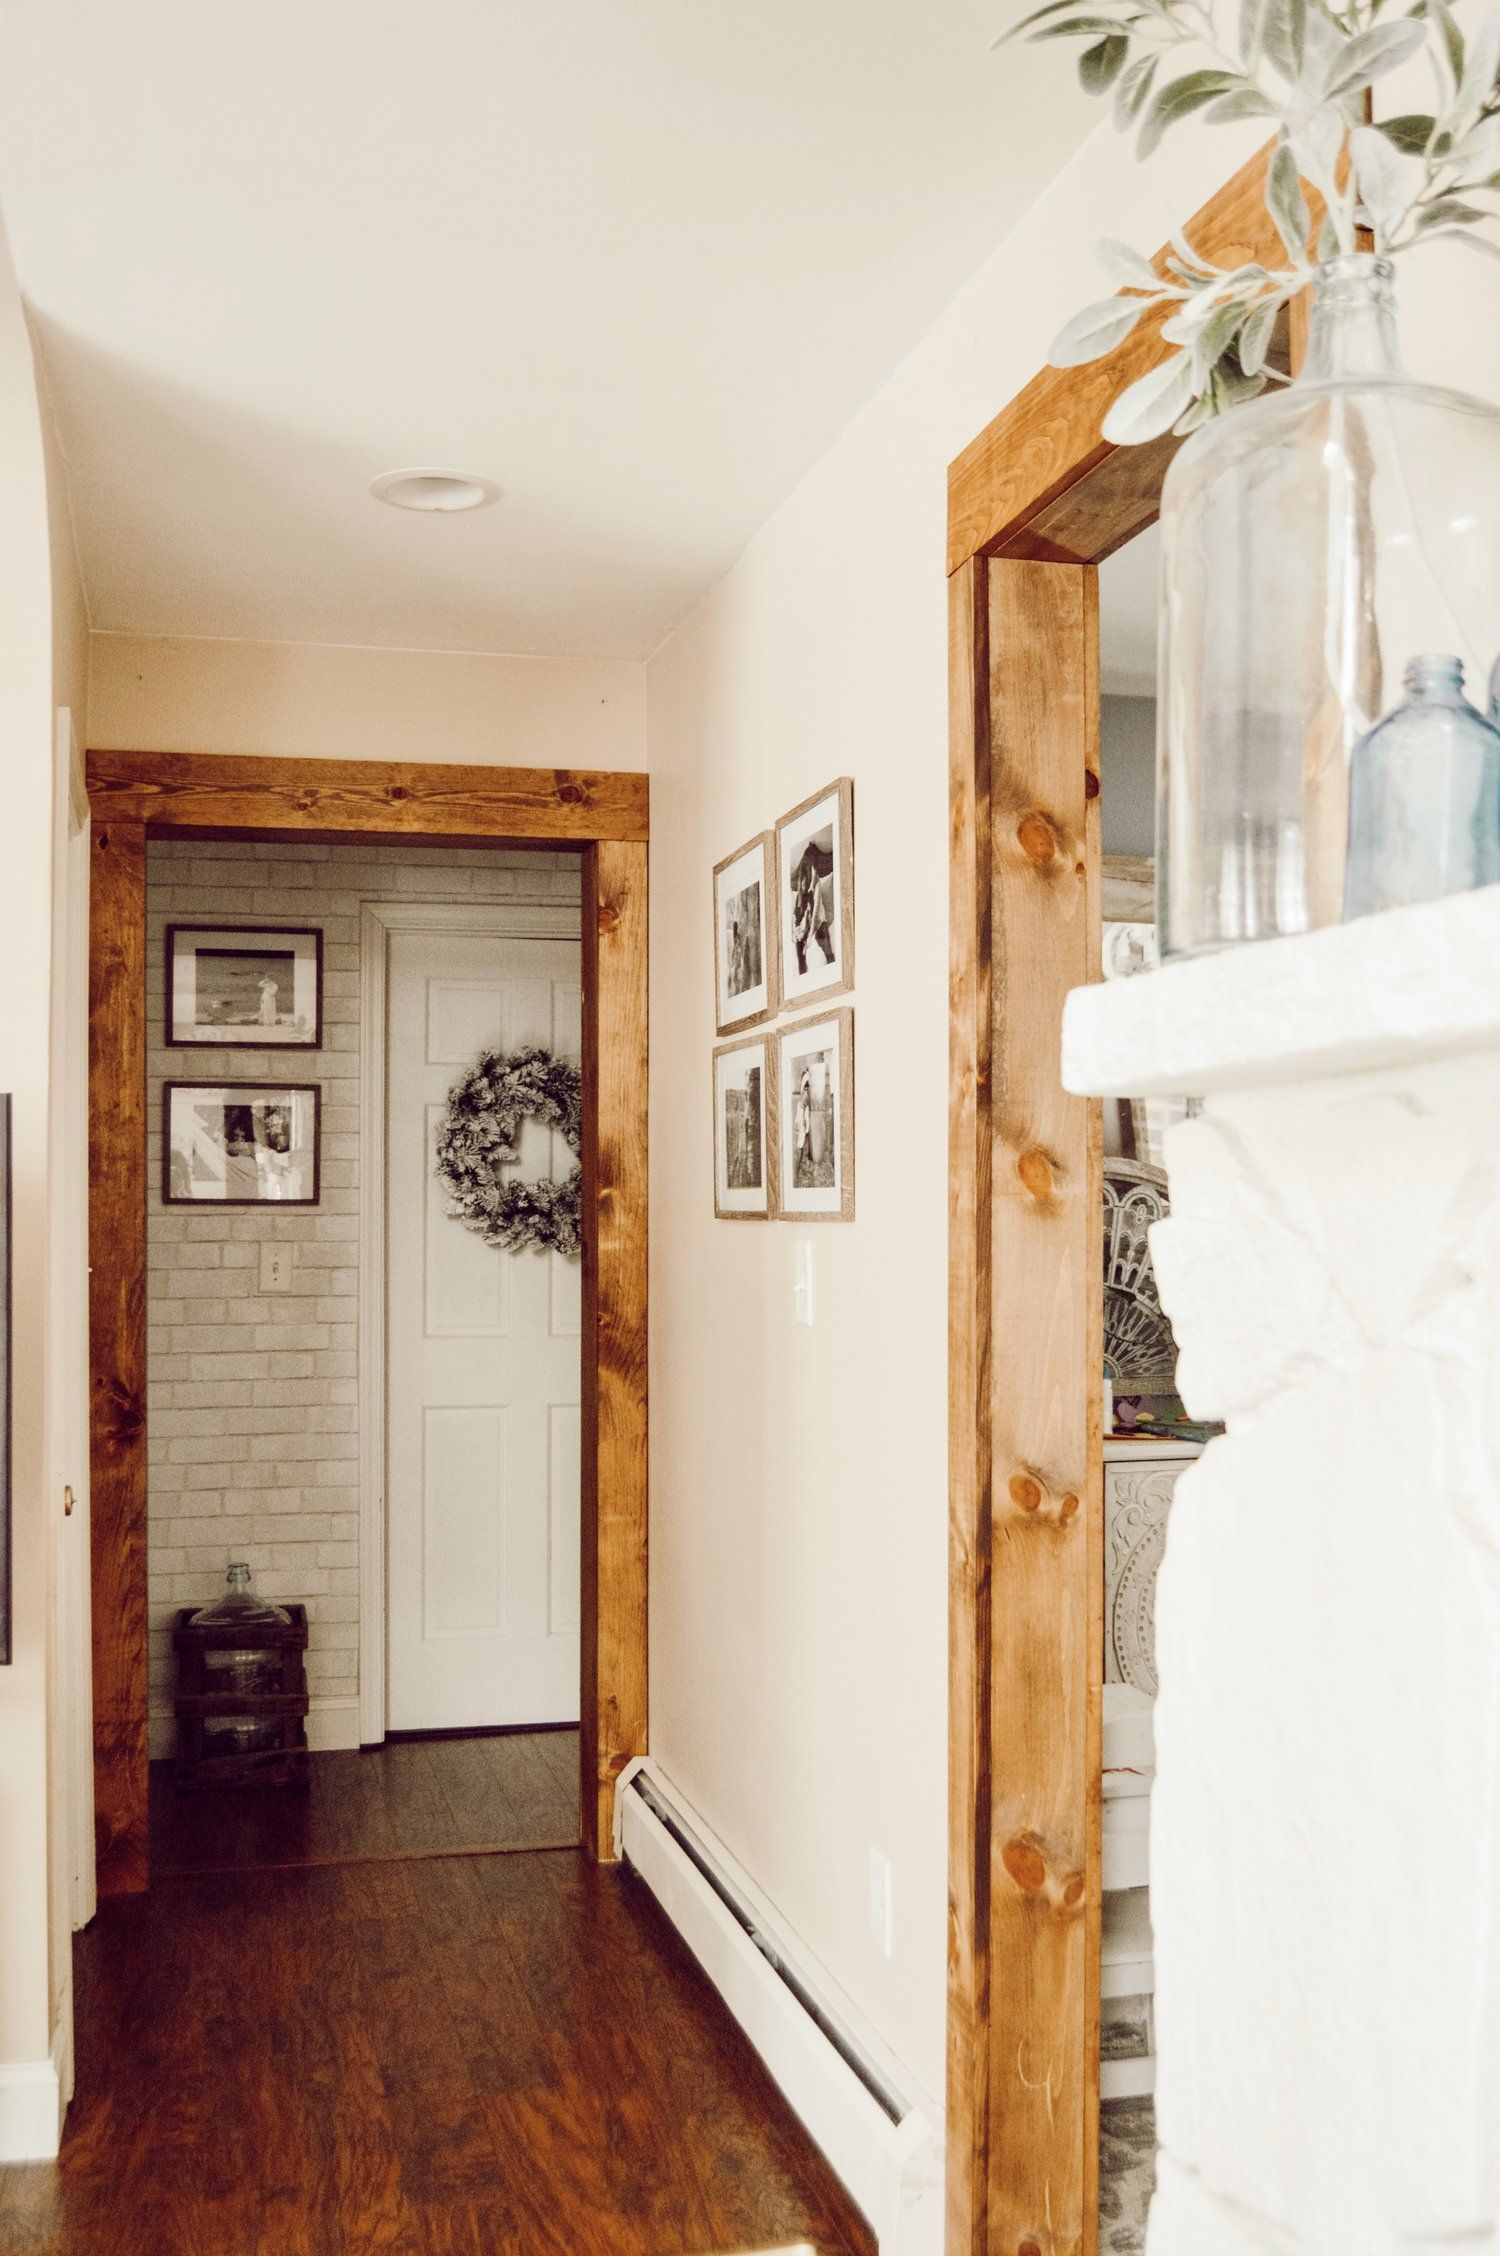 Doorway Casing With With Wood Beam Look Jessica Diana Schlichtman Doorway Decor Wood Door Frame Wood Beams